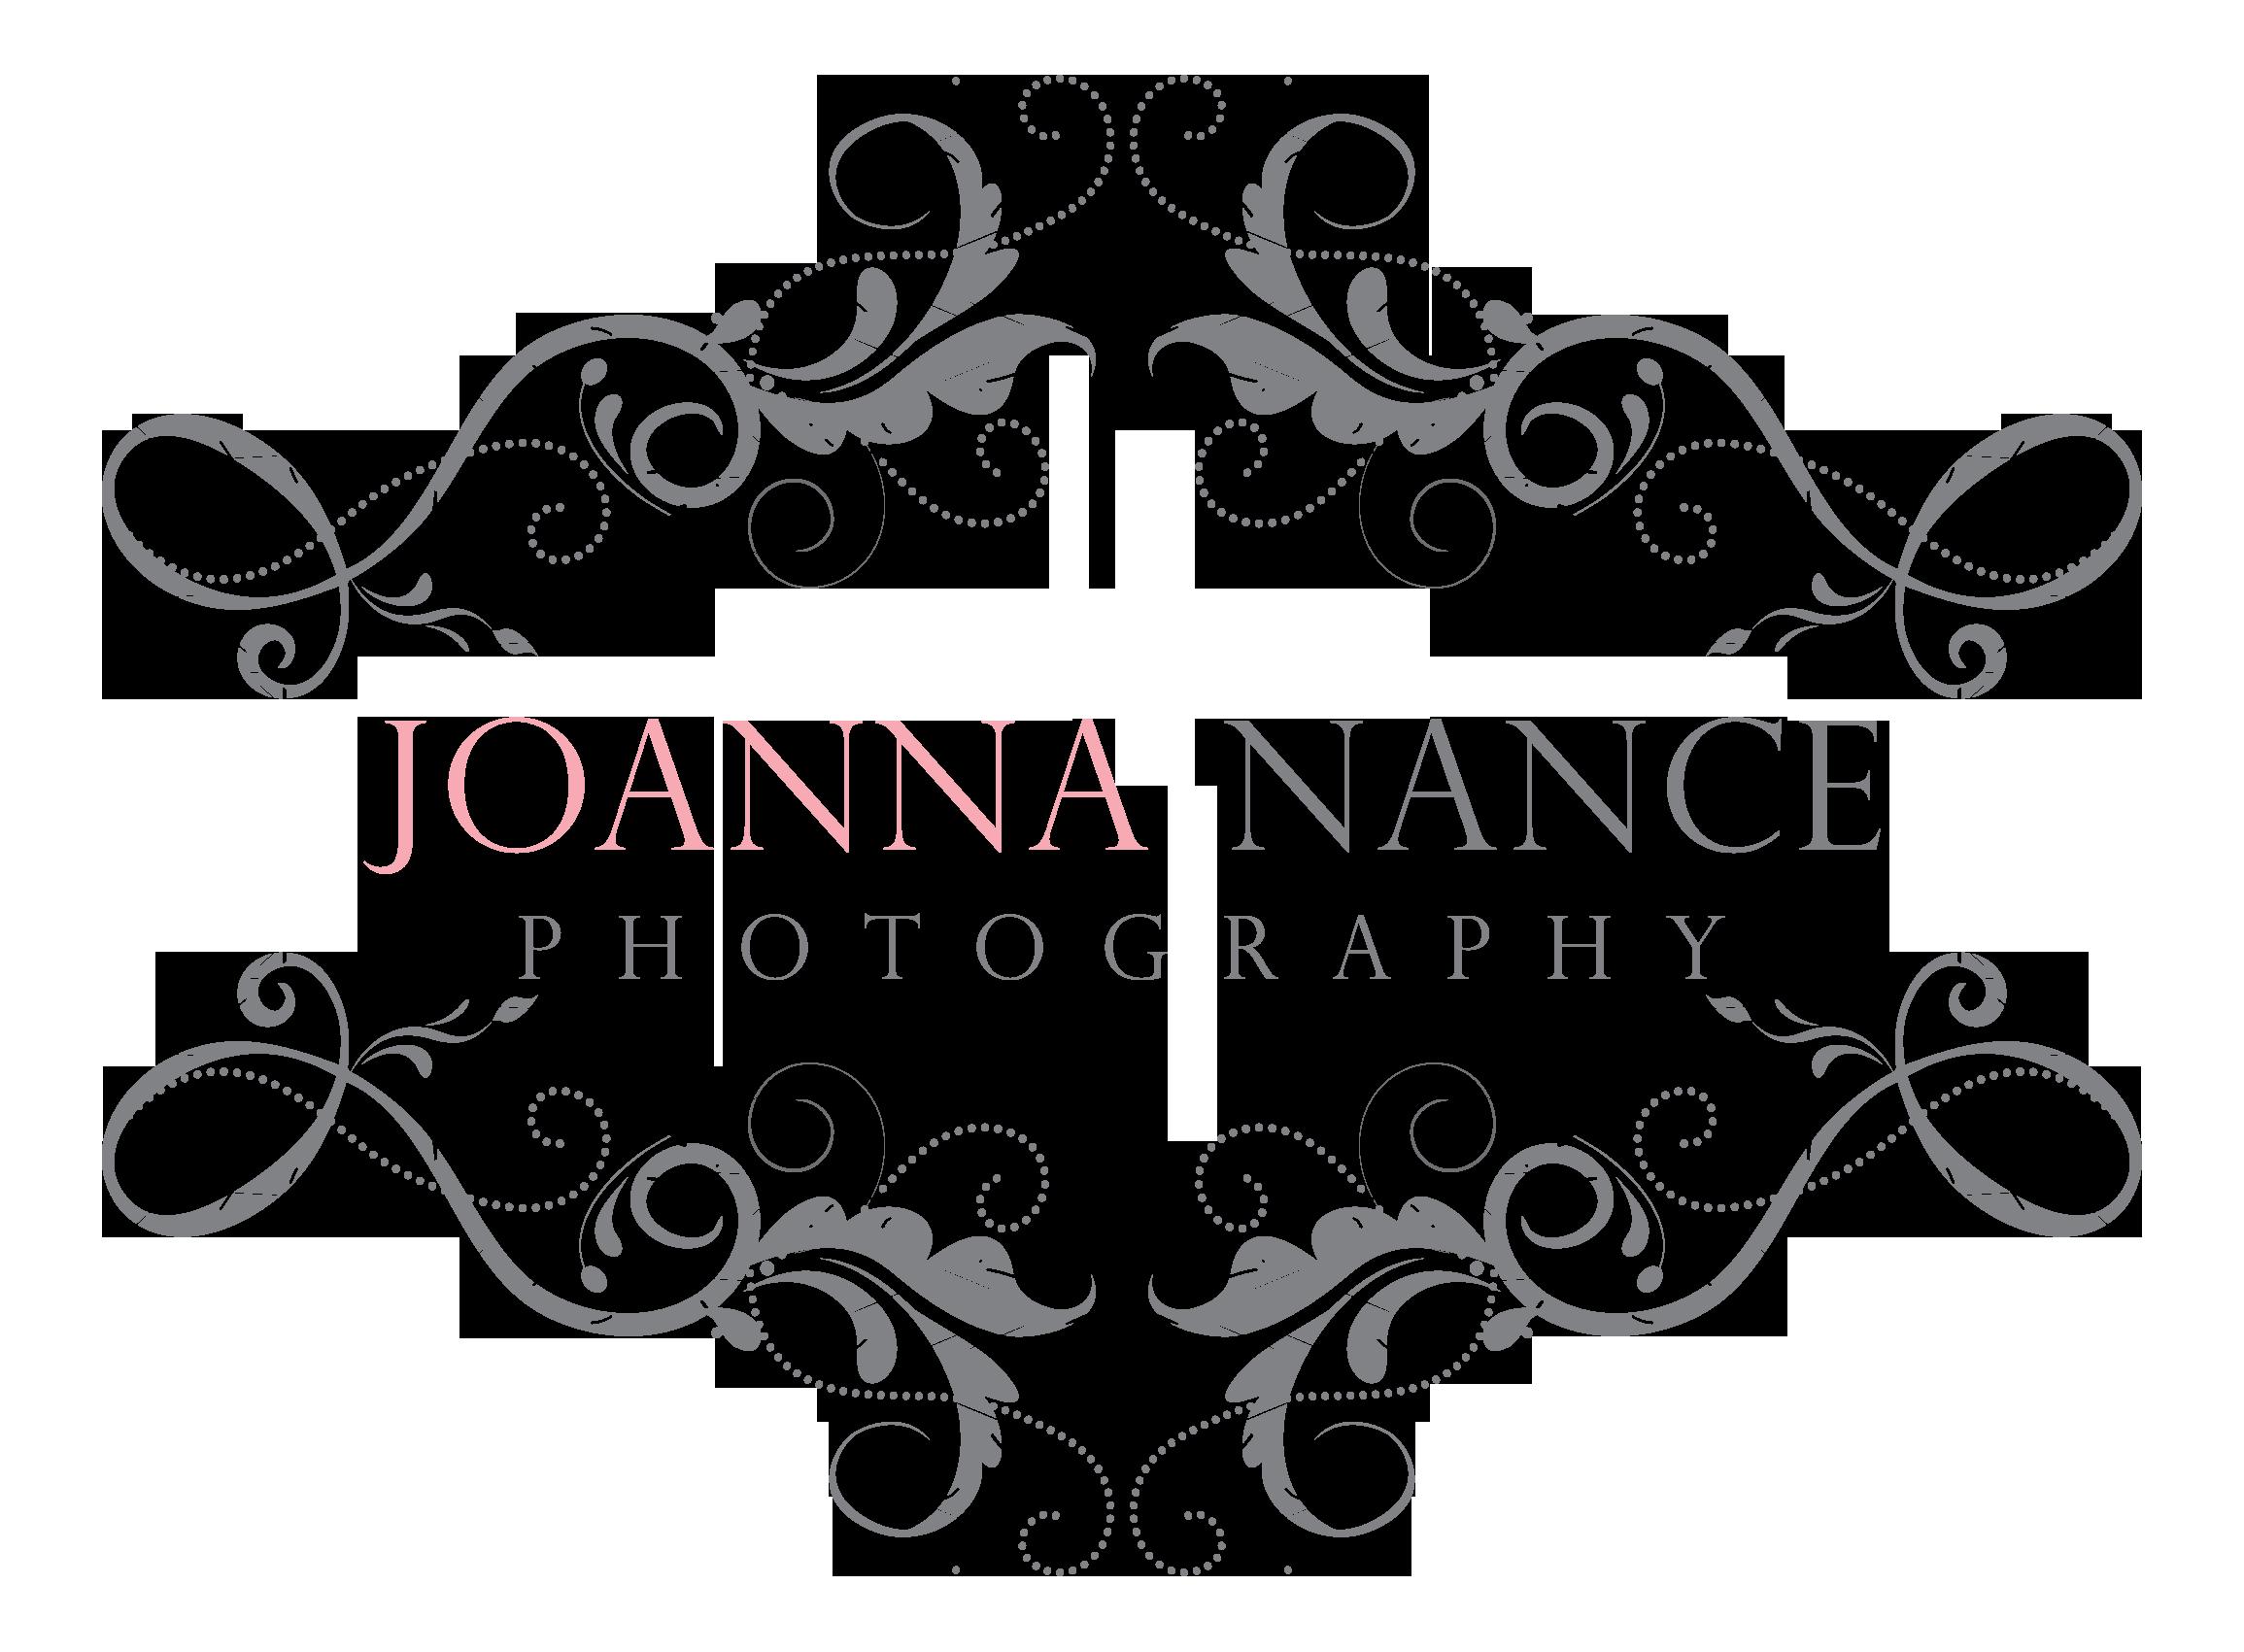 Joanna Nance Photography